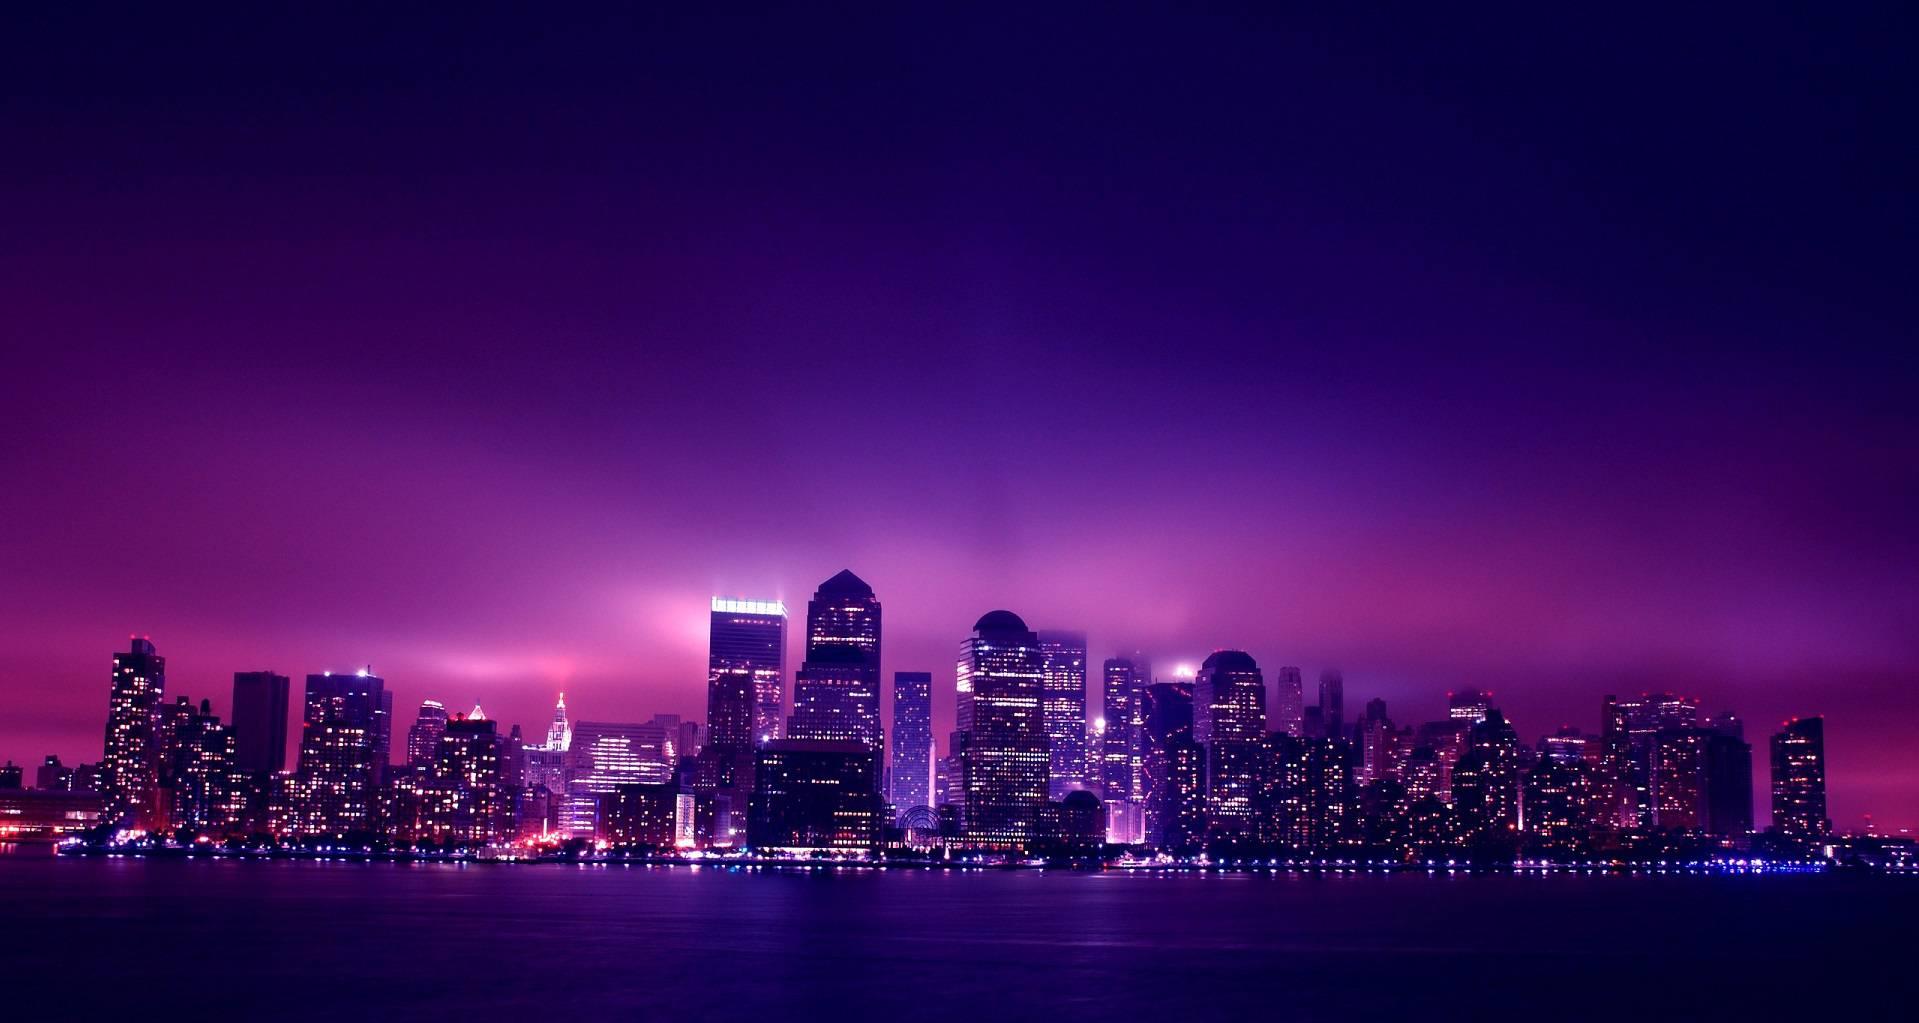 city_at_night_wallpaper_2014_hd__1424106150_188.26.138.1